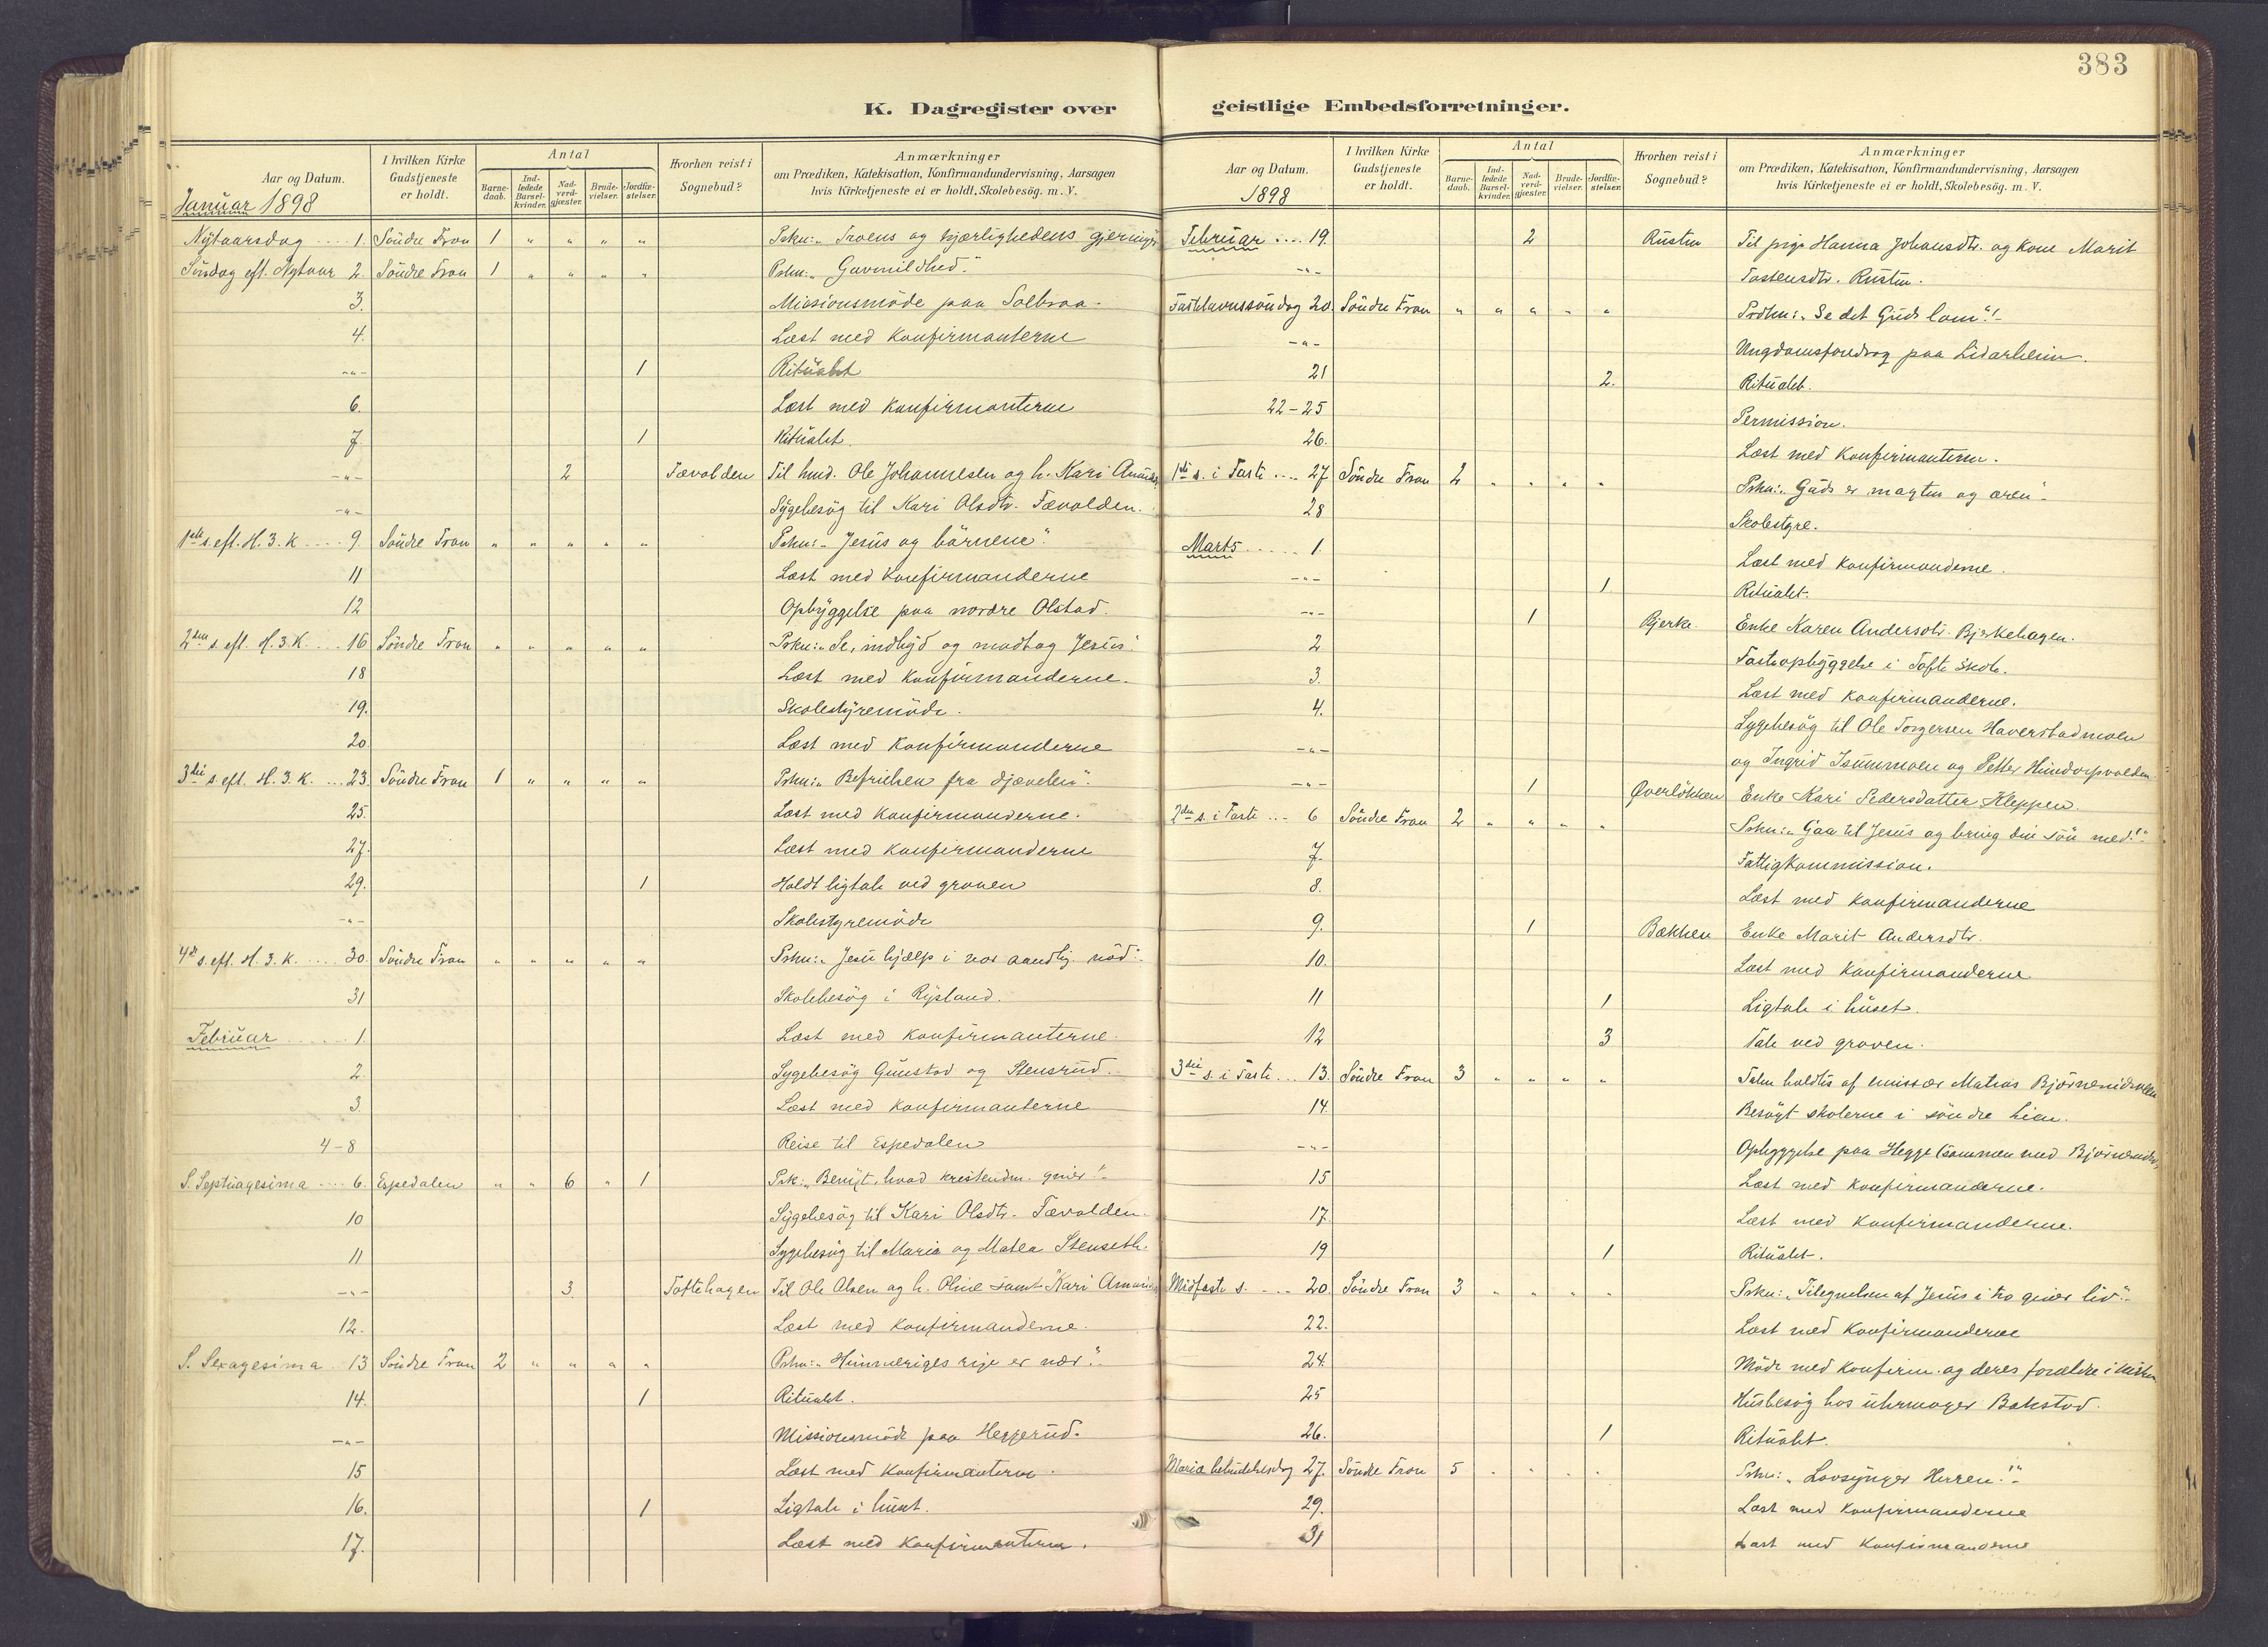 SAH, Sør-Fron prestekontor, H/Ha/Haa/L0004: Parish register (official) no. 4, 1898-1919, p. 383